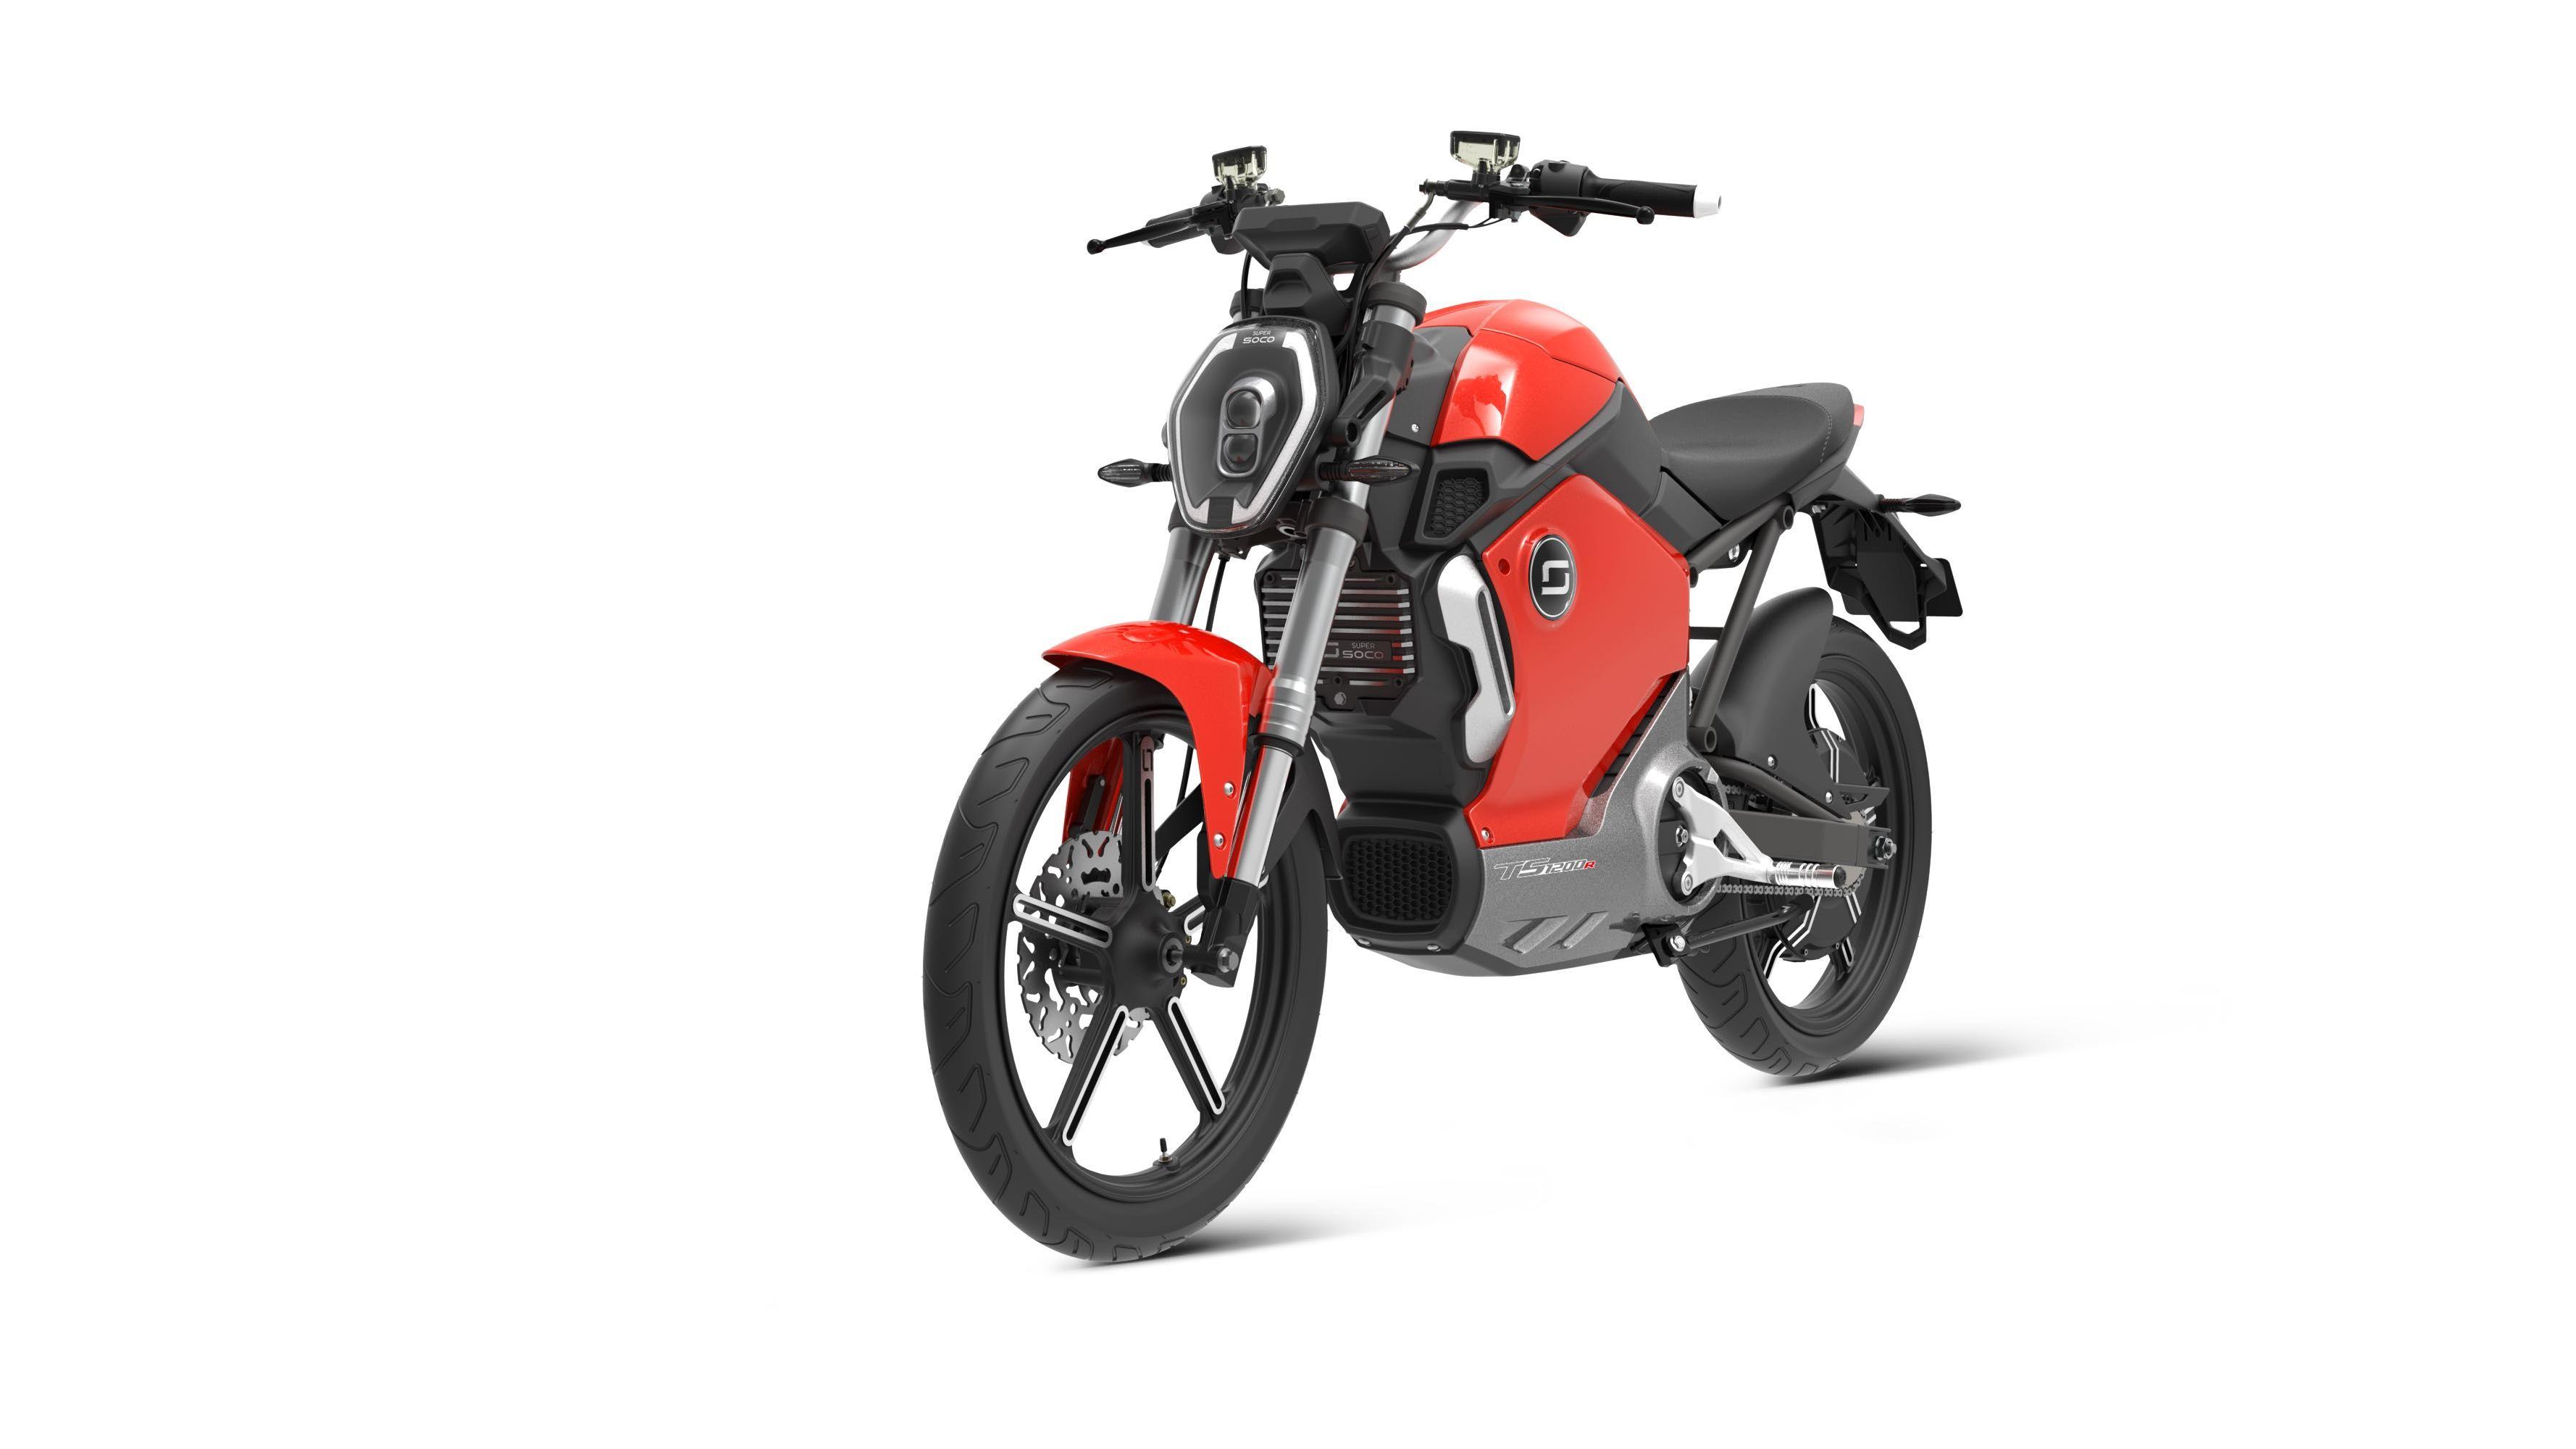 Super Soco Tc Moto Electrique - Ultimo Coche